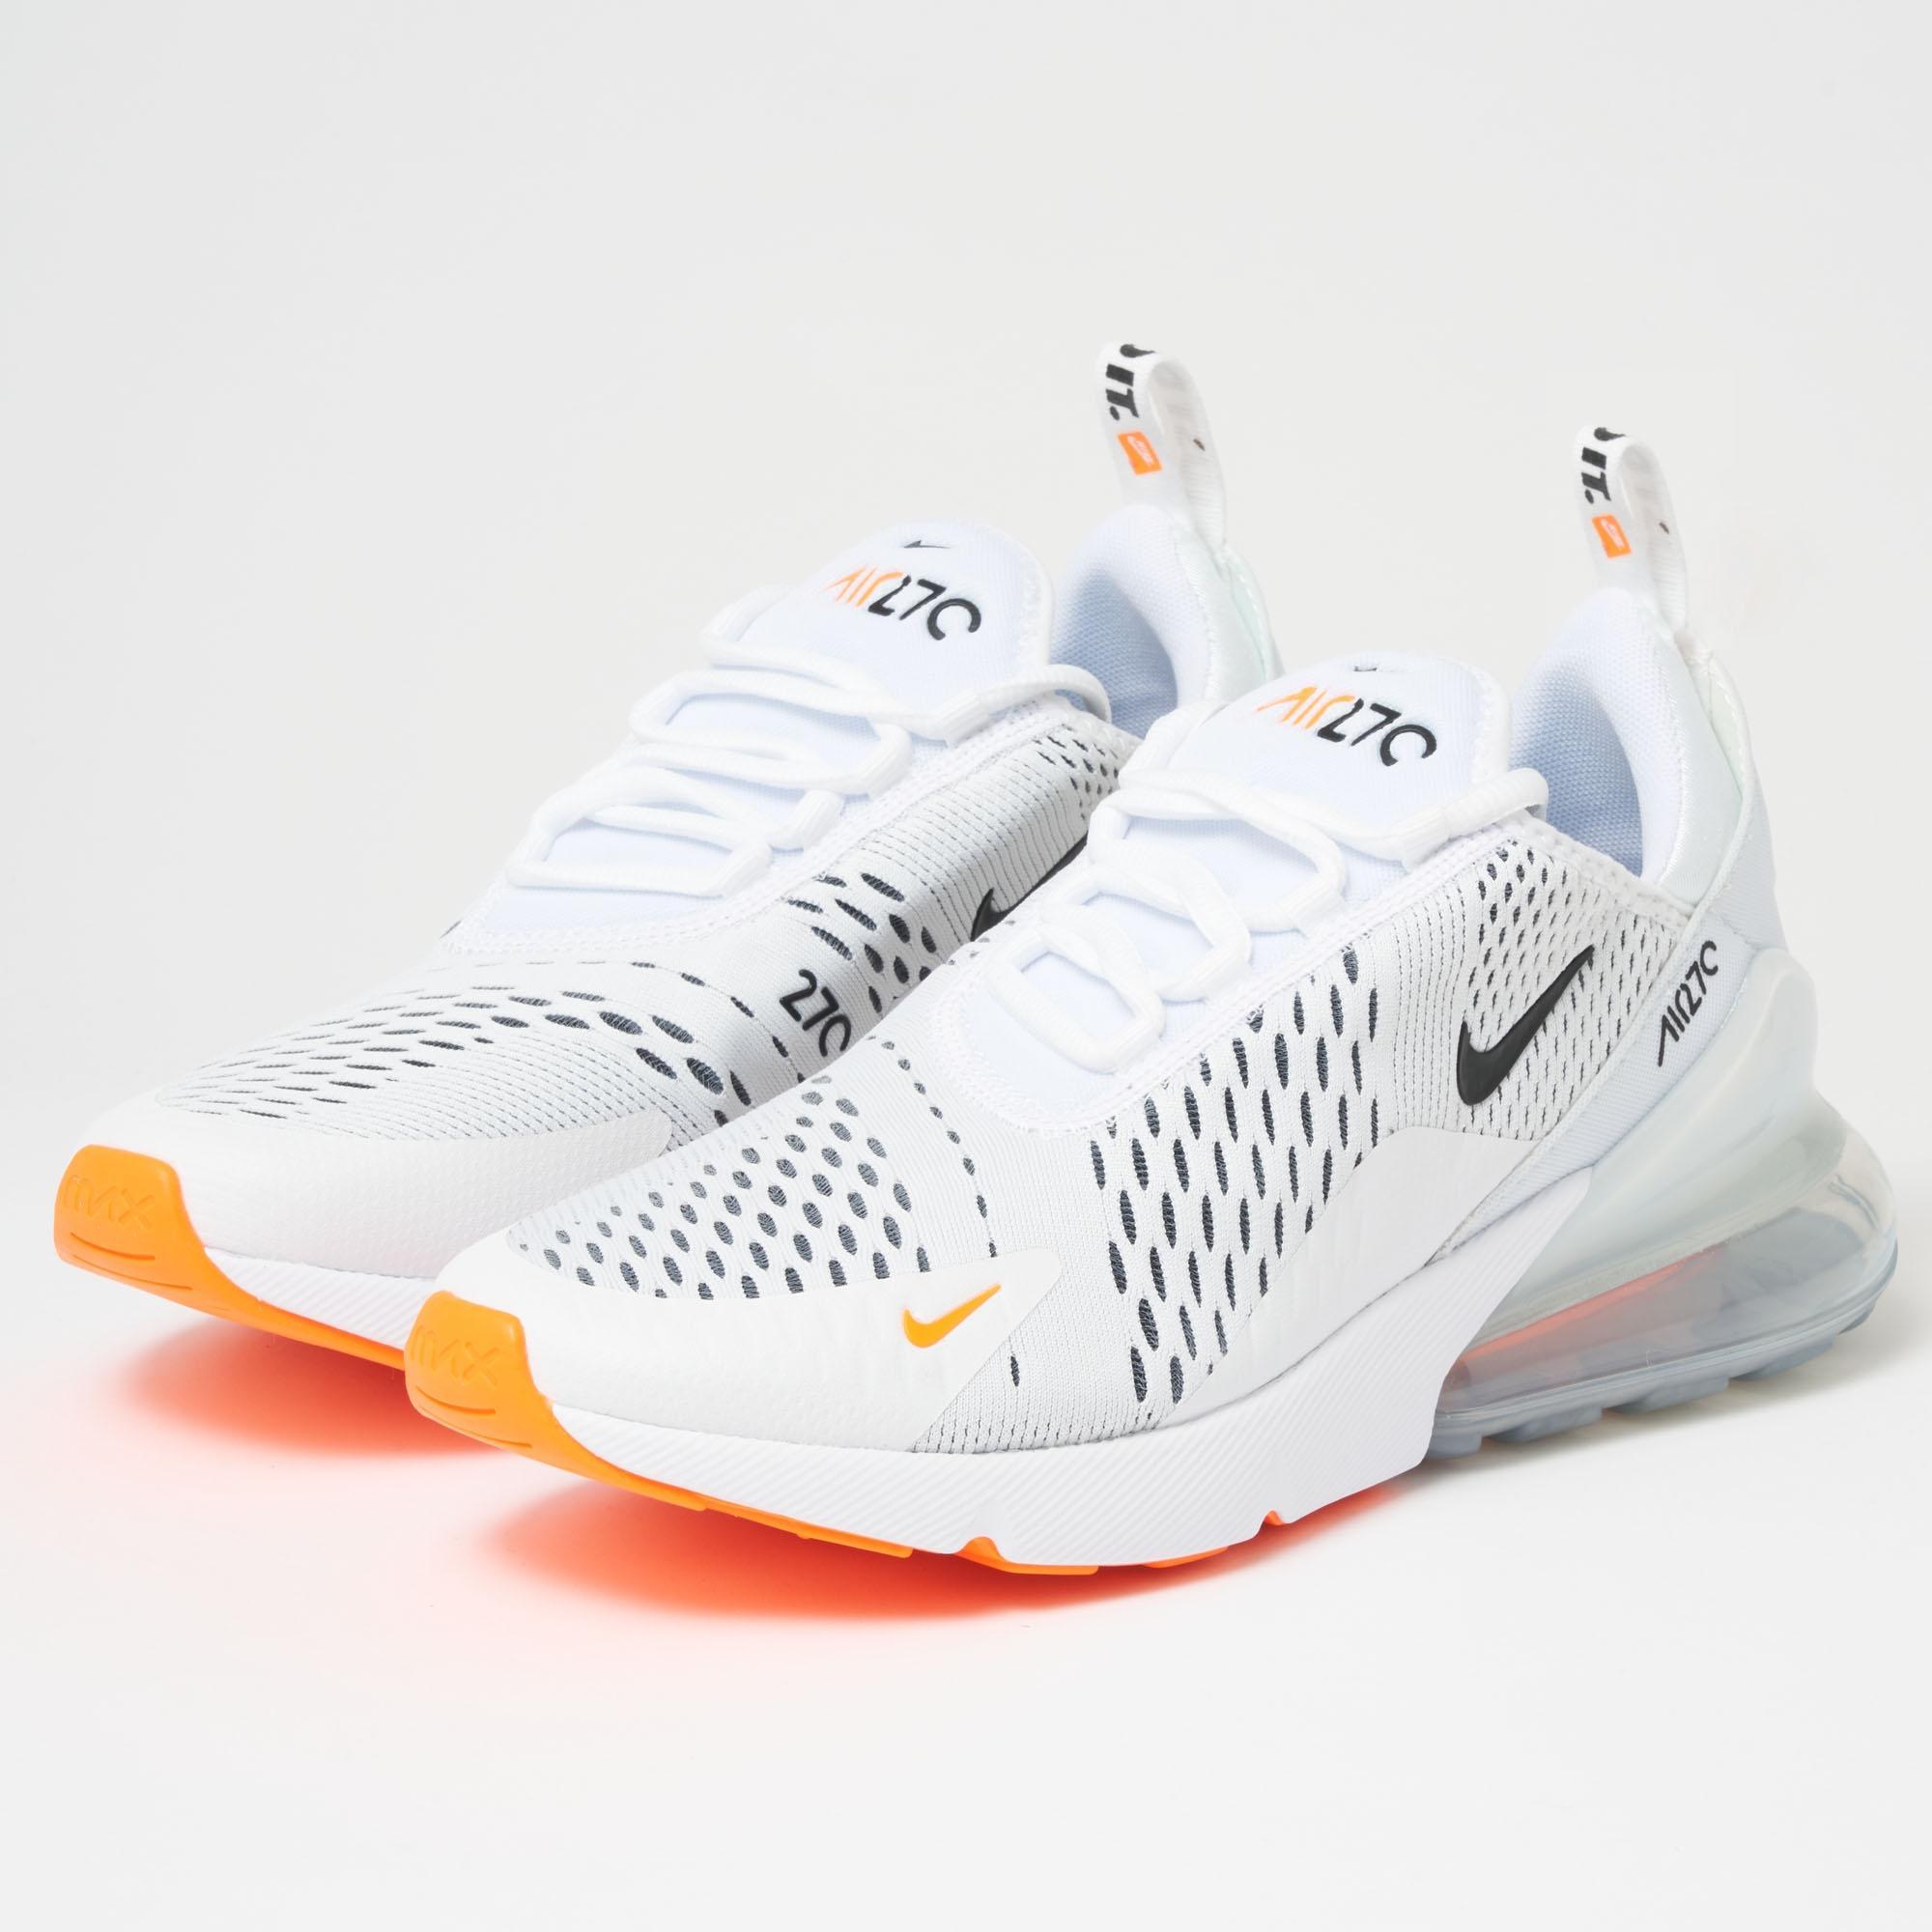 a1a5199c8cf95 Nike Air Max 270 - White